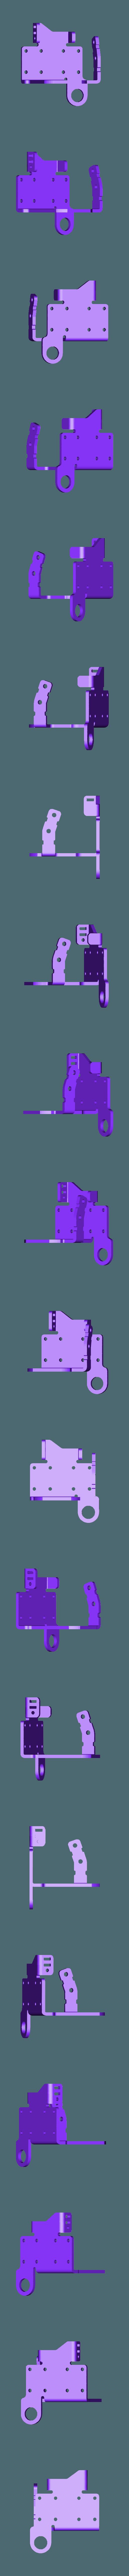 MP_X__Cart_v1.stl Download free STL file 3D Printed Printrbot Metal Plus X Cart • 3D printing model, rushmere3d